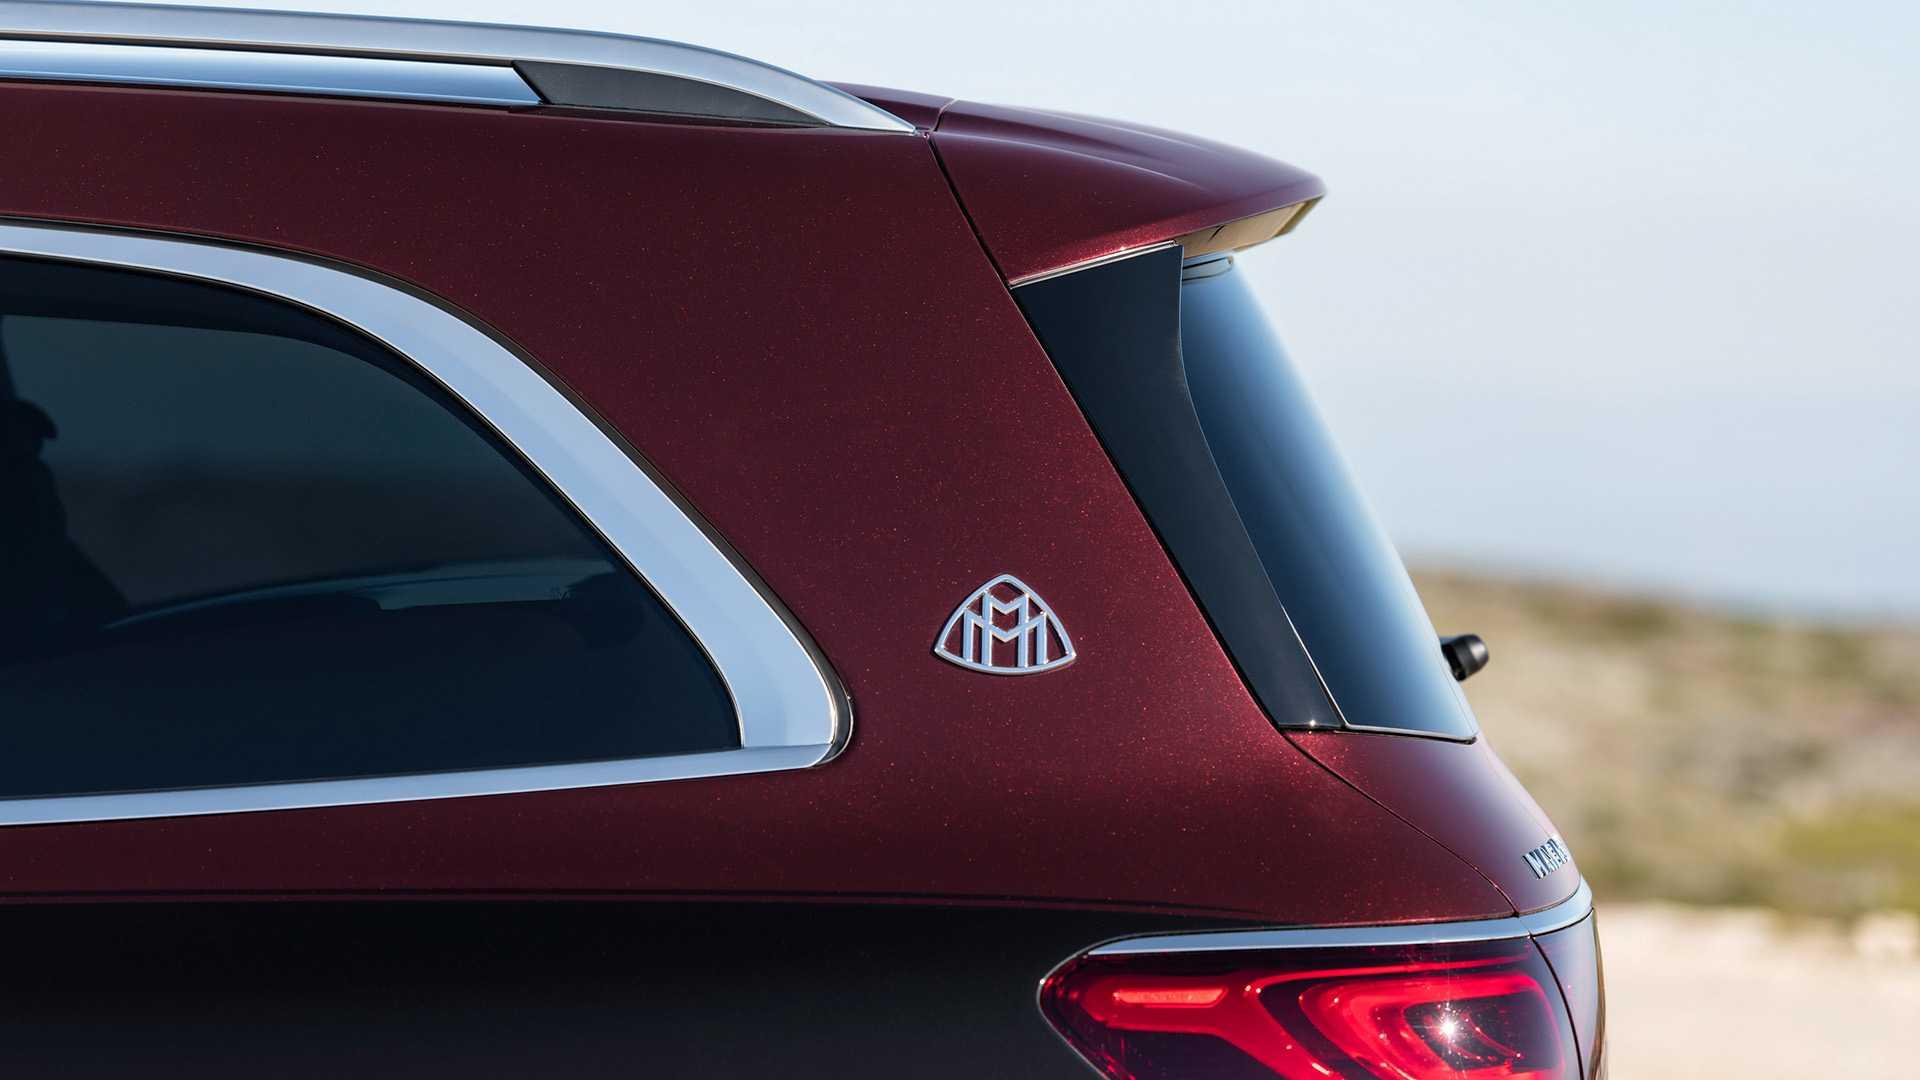 SUV siêu sang Mercedes-Maybach GLS 2020 - 11